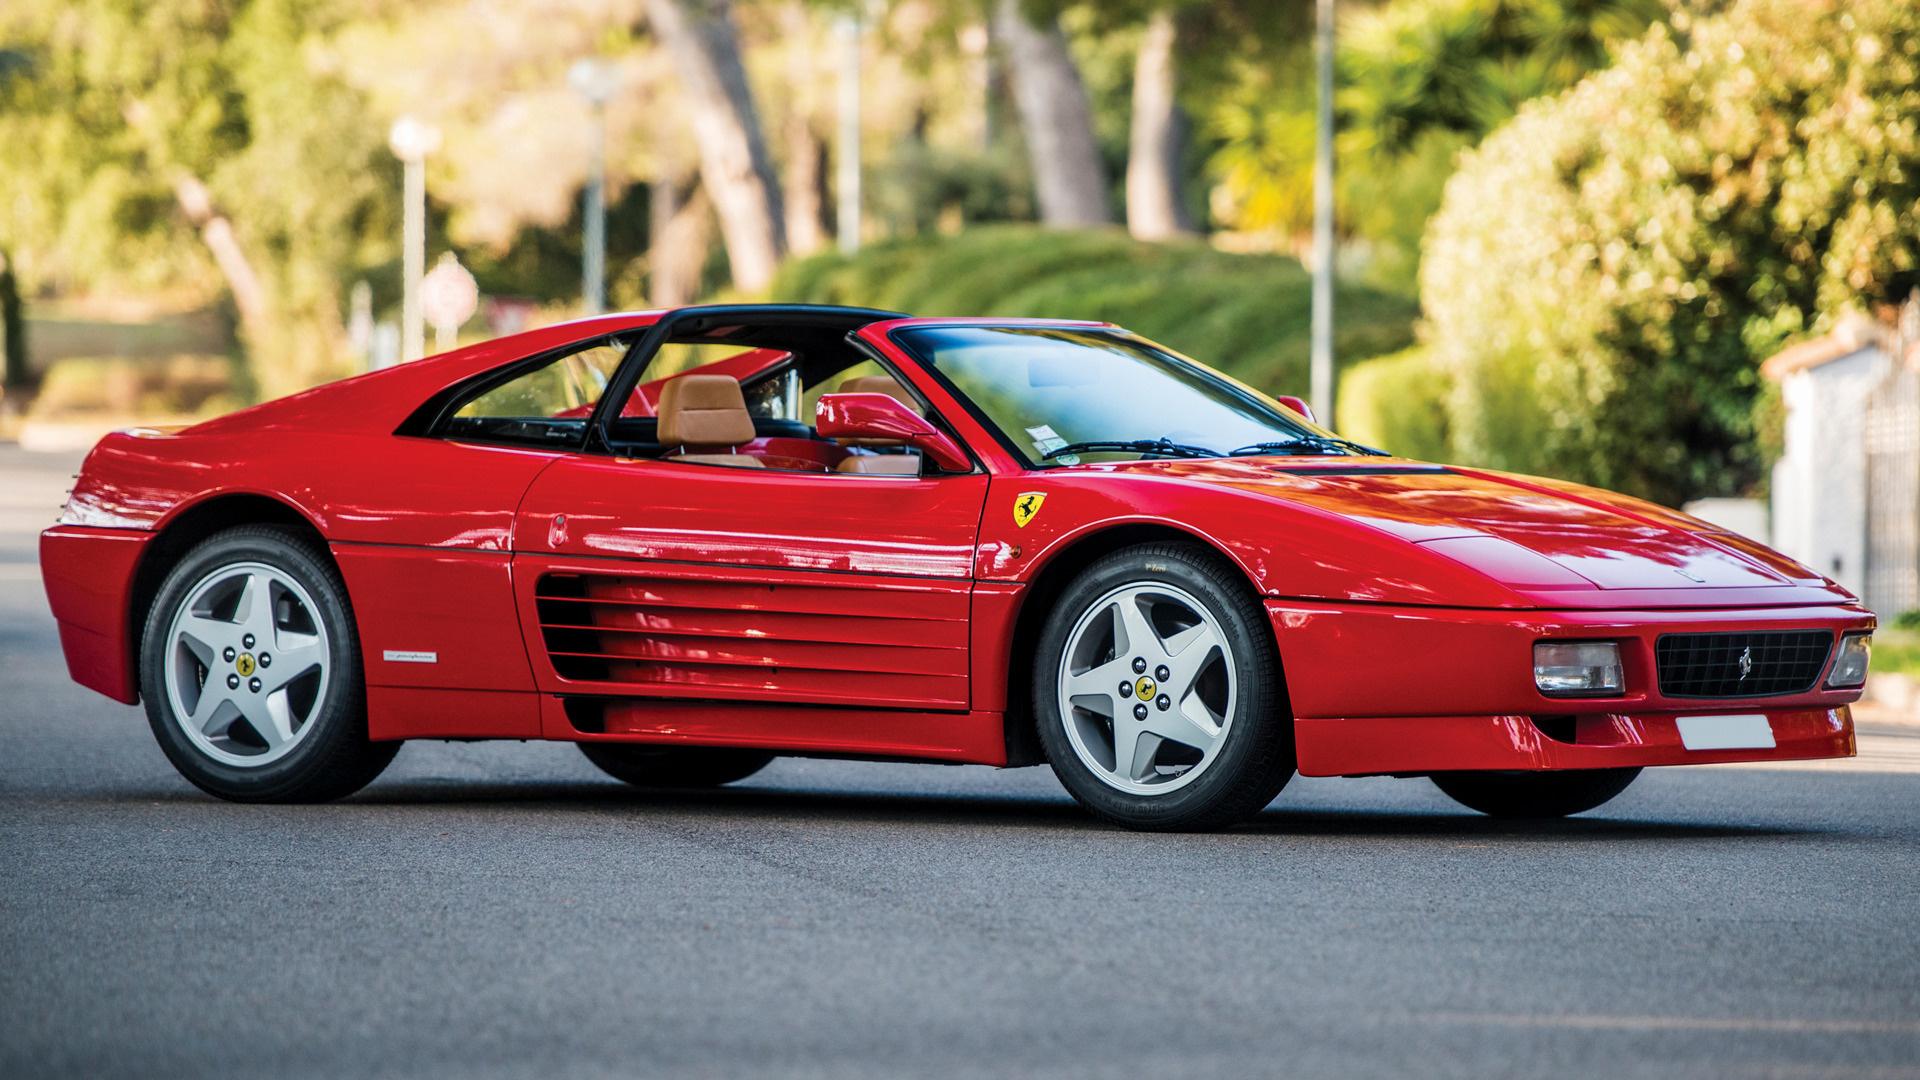 1993 Ferrari 348 Gts Fondos De Pantalla E Imágenes En Hd